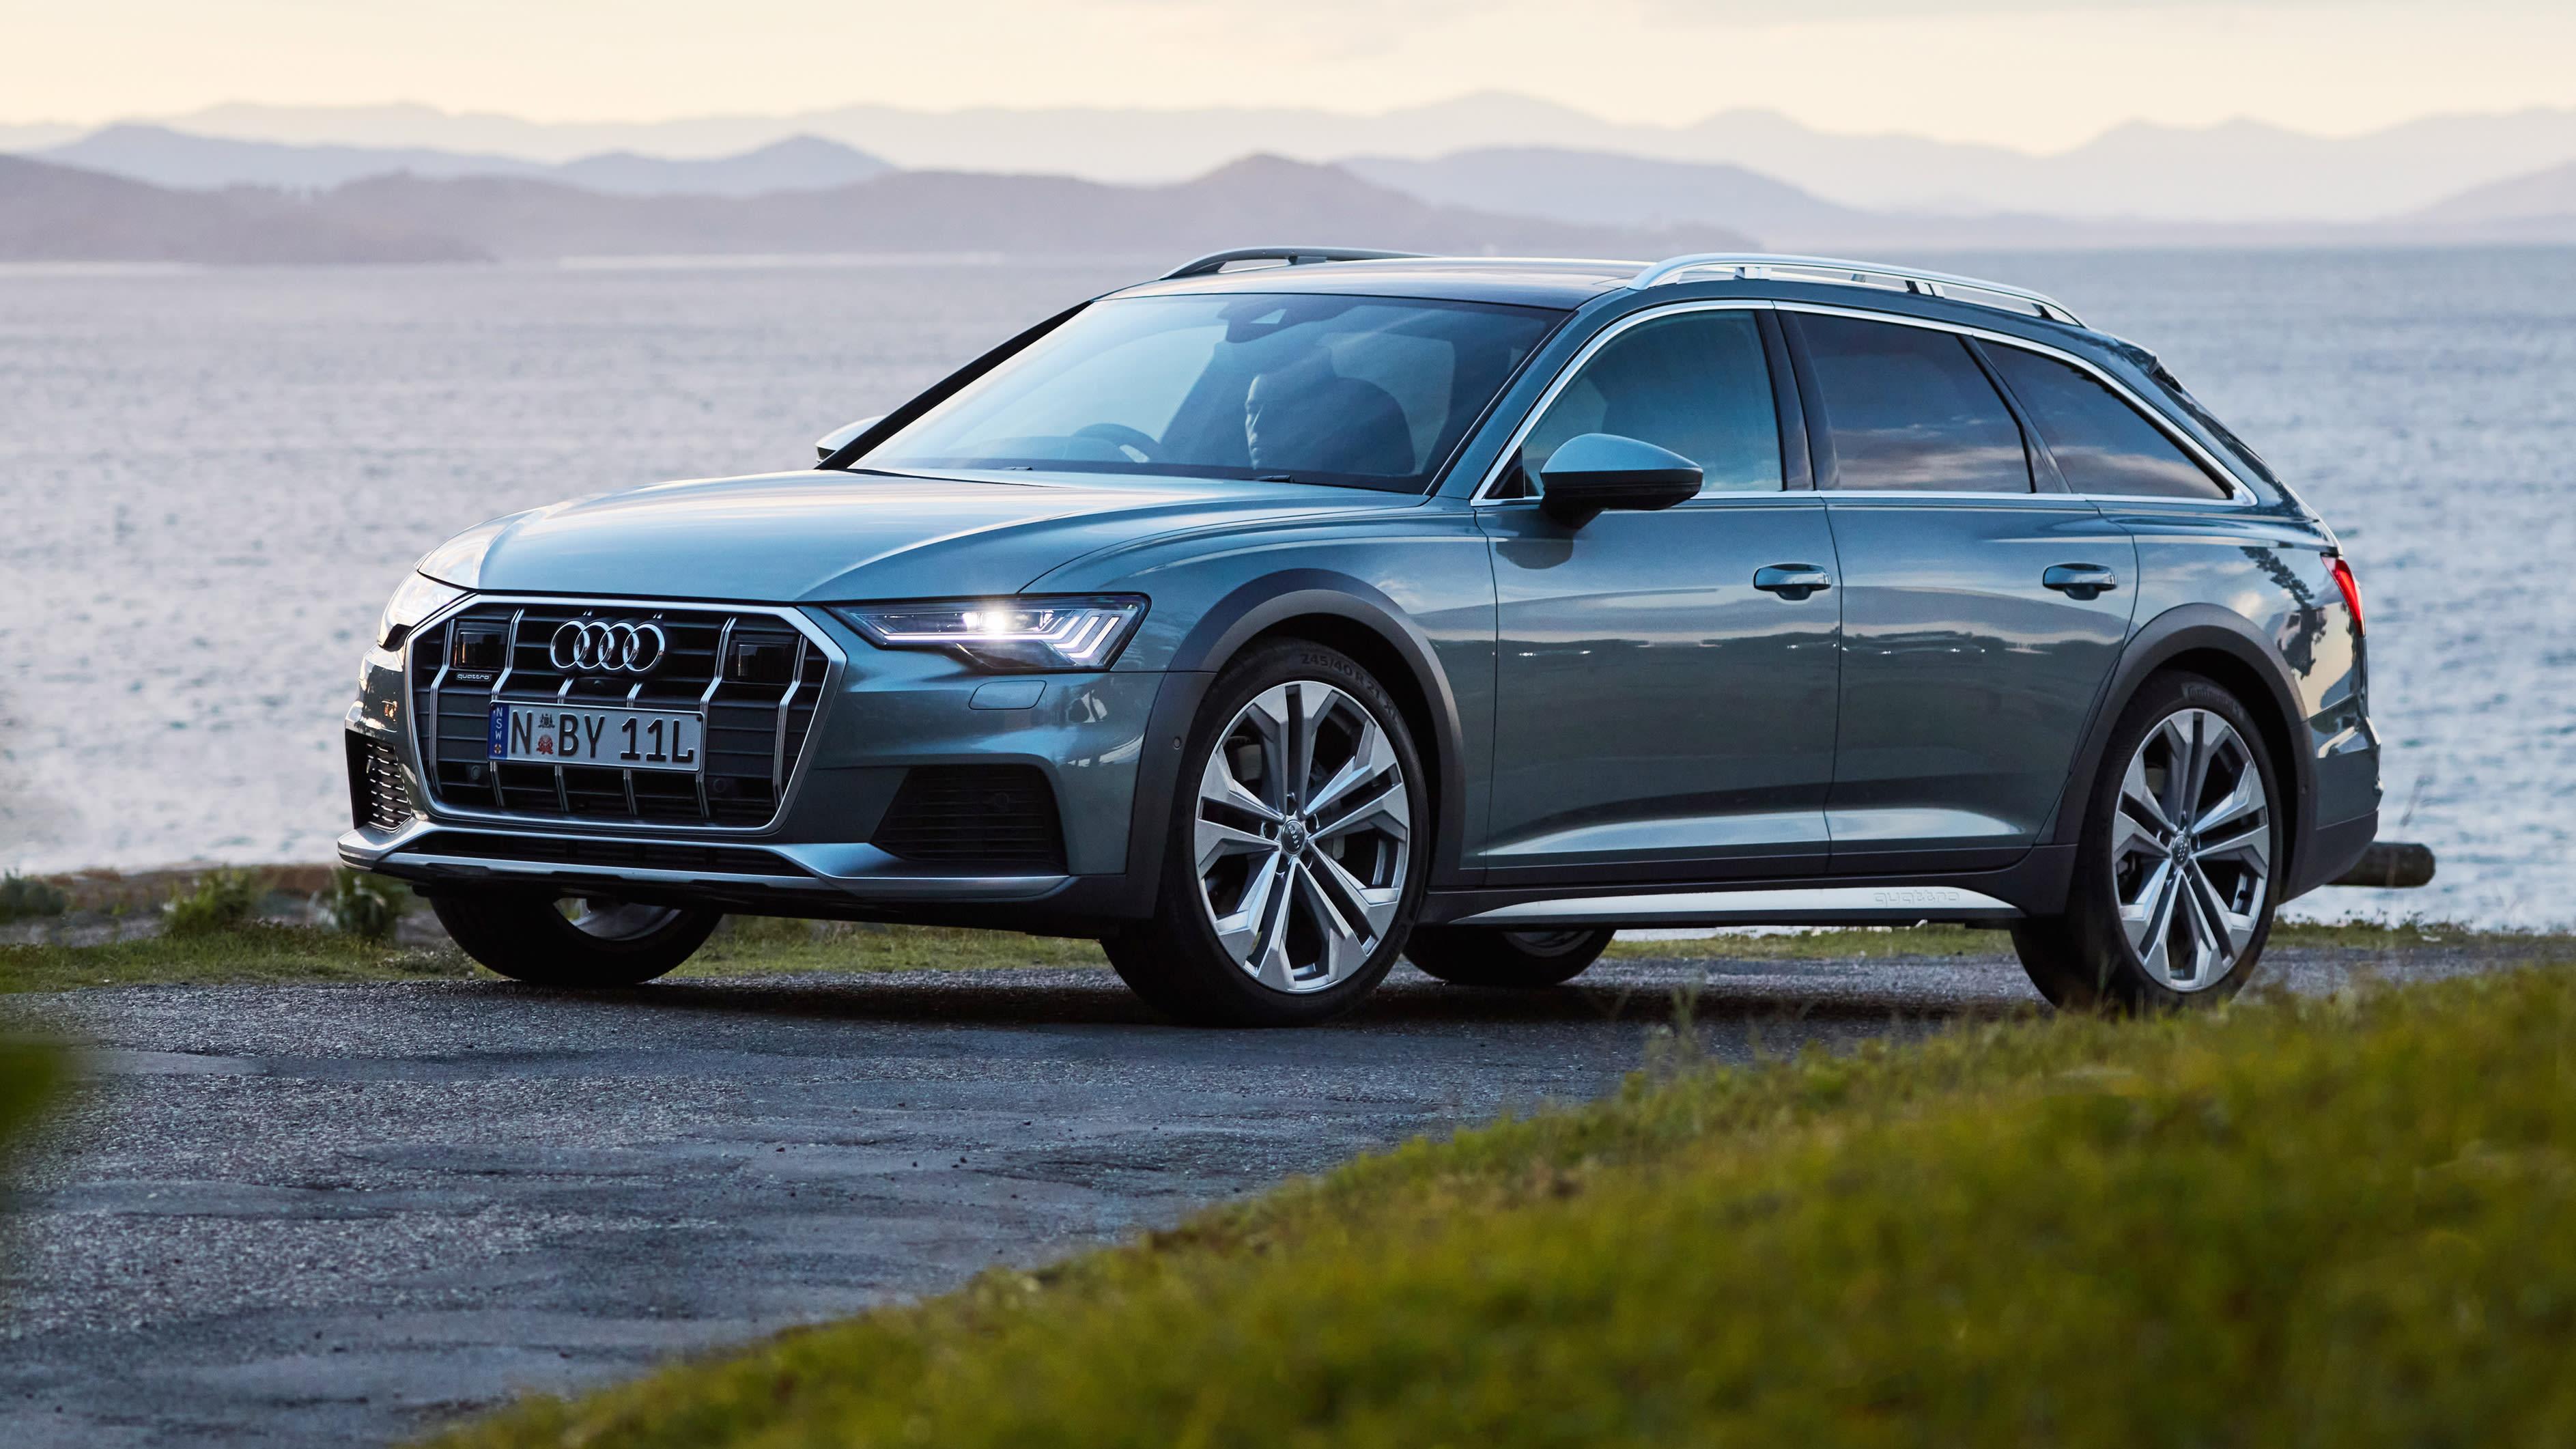 2020 Audi Allroad Ratings